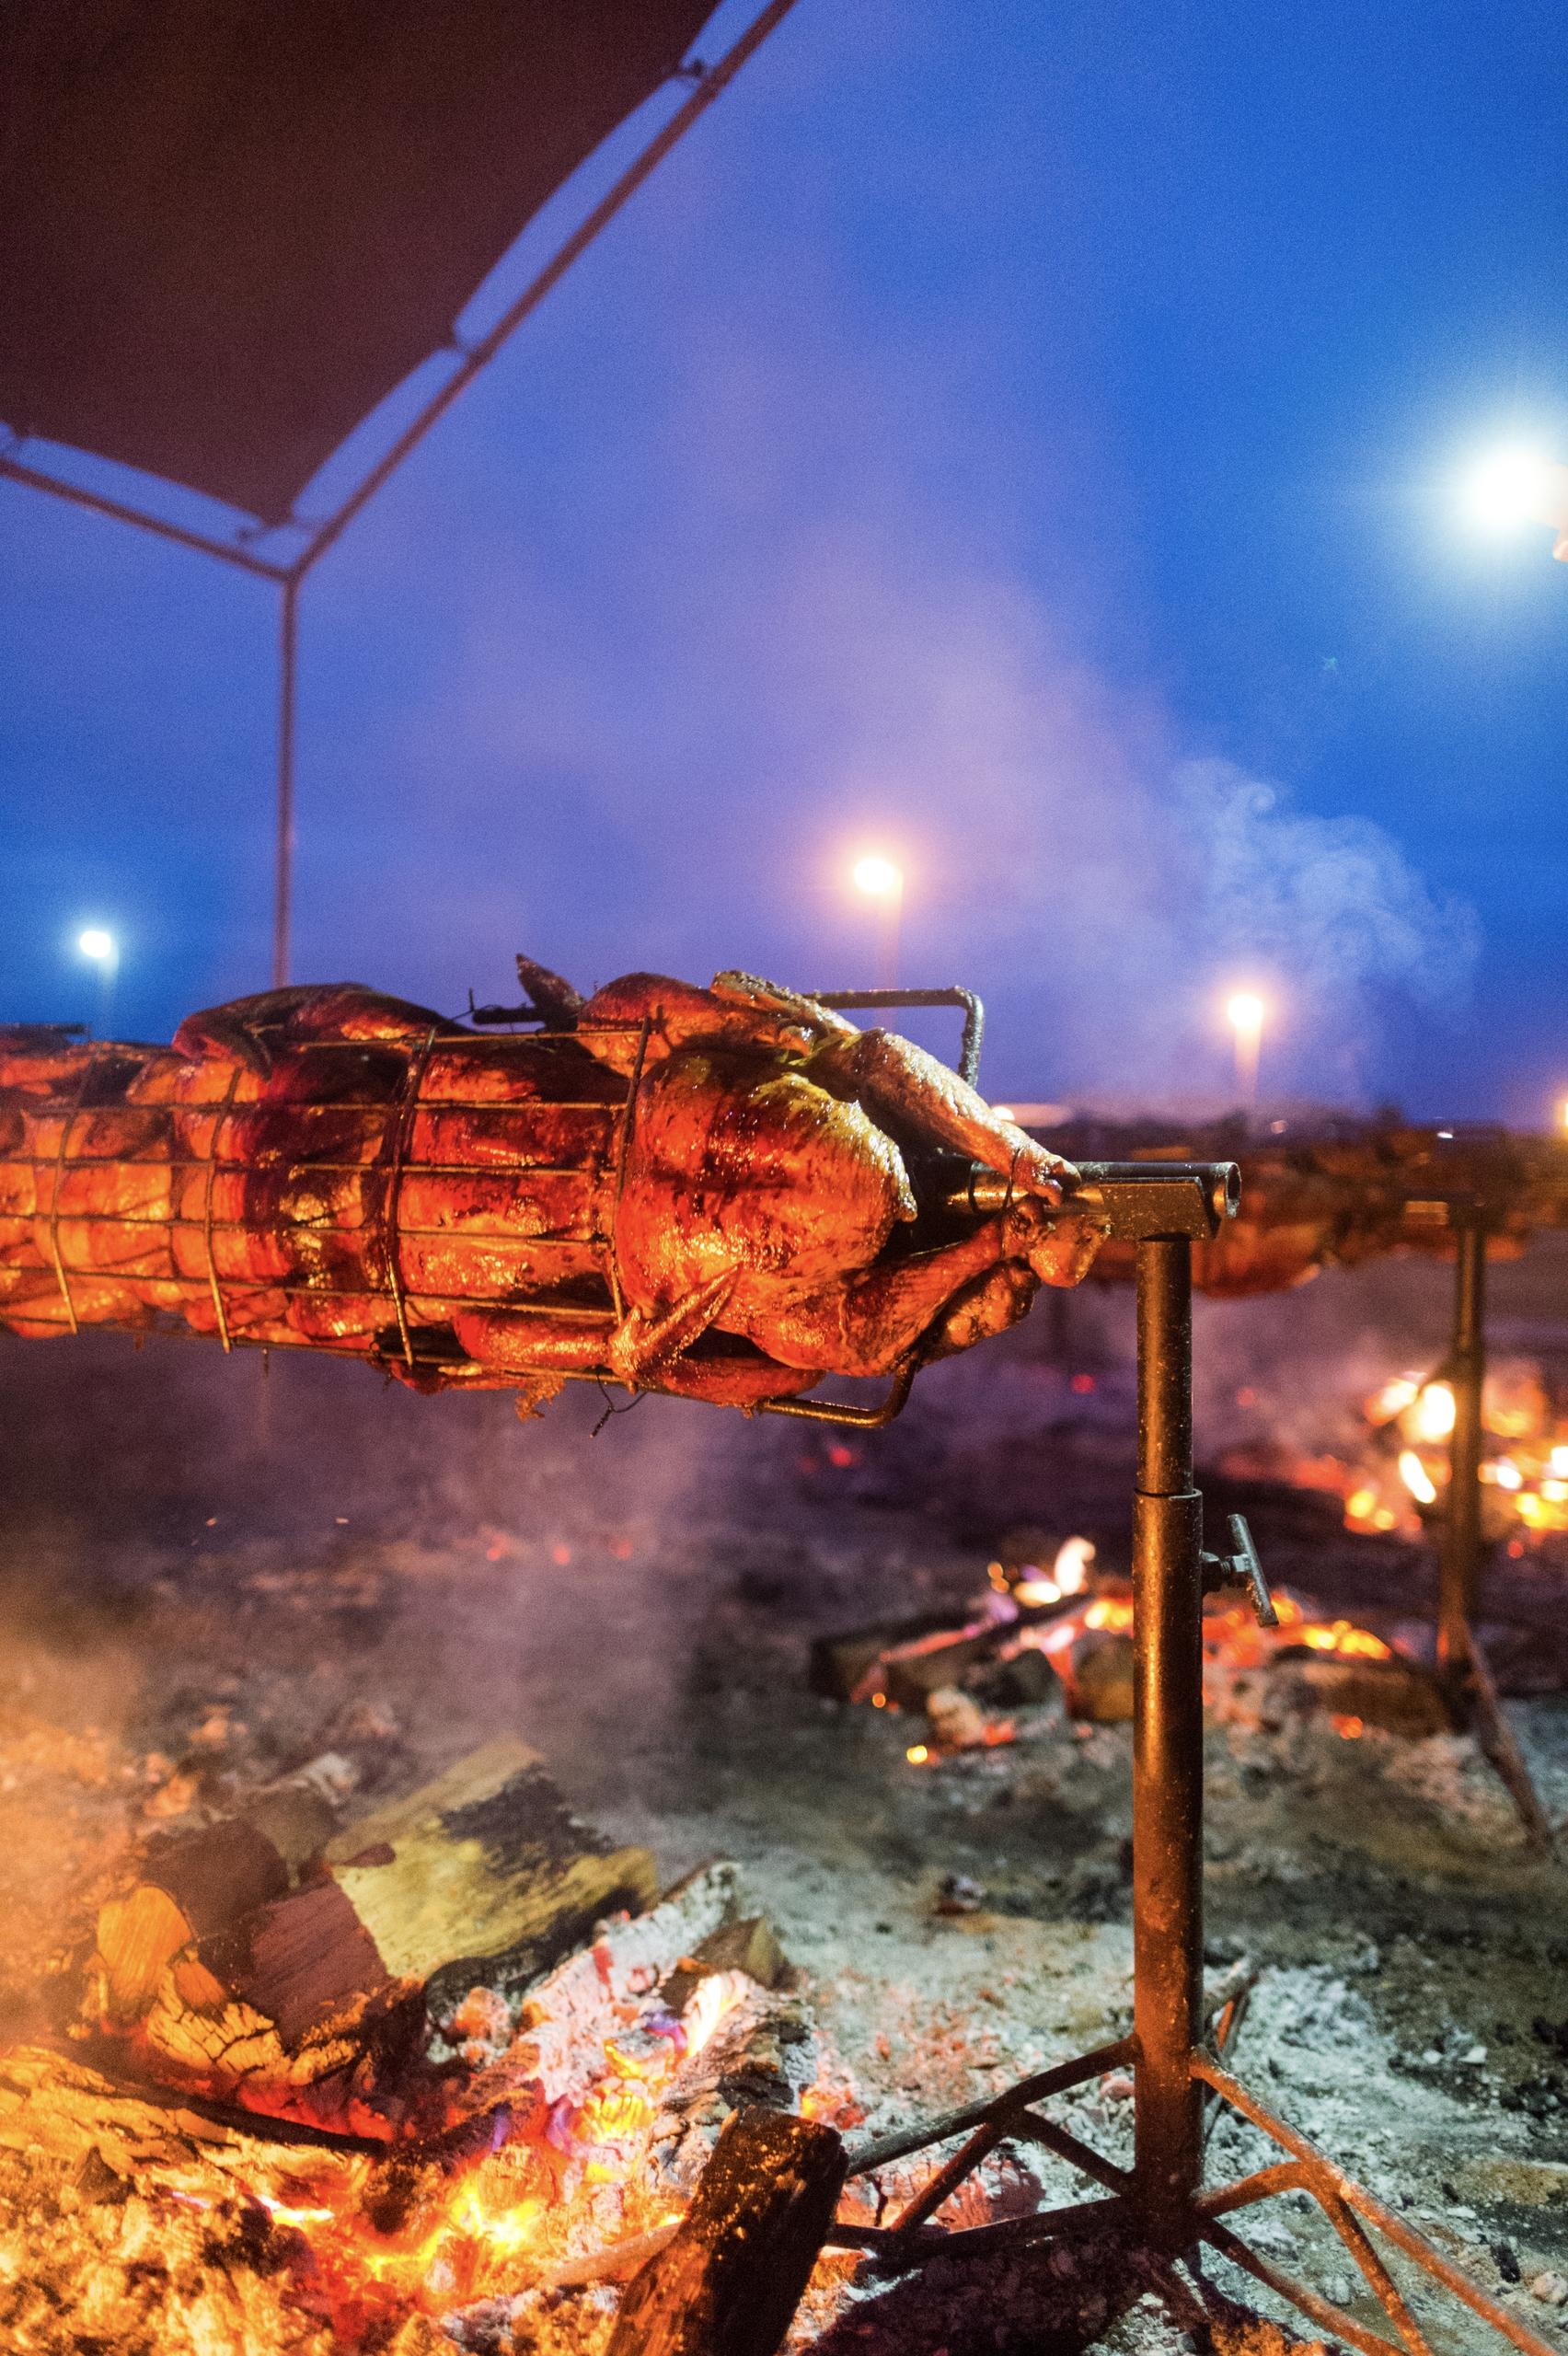 Turkeys roasting open flames Ca - danielkrieger | ello